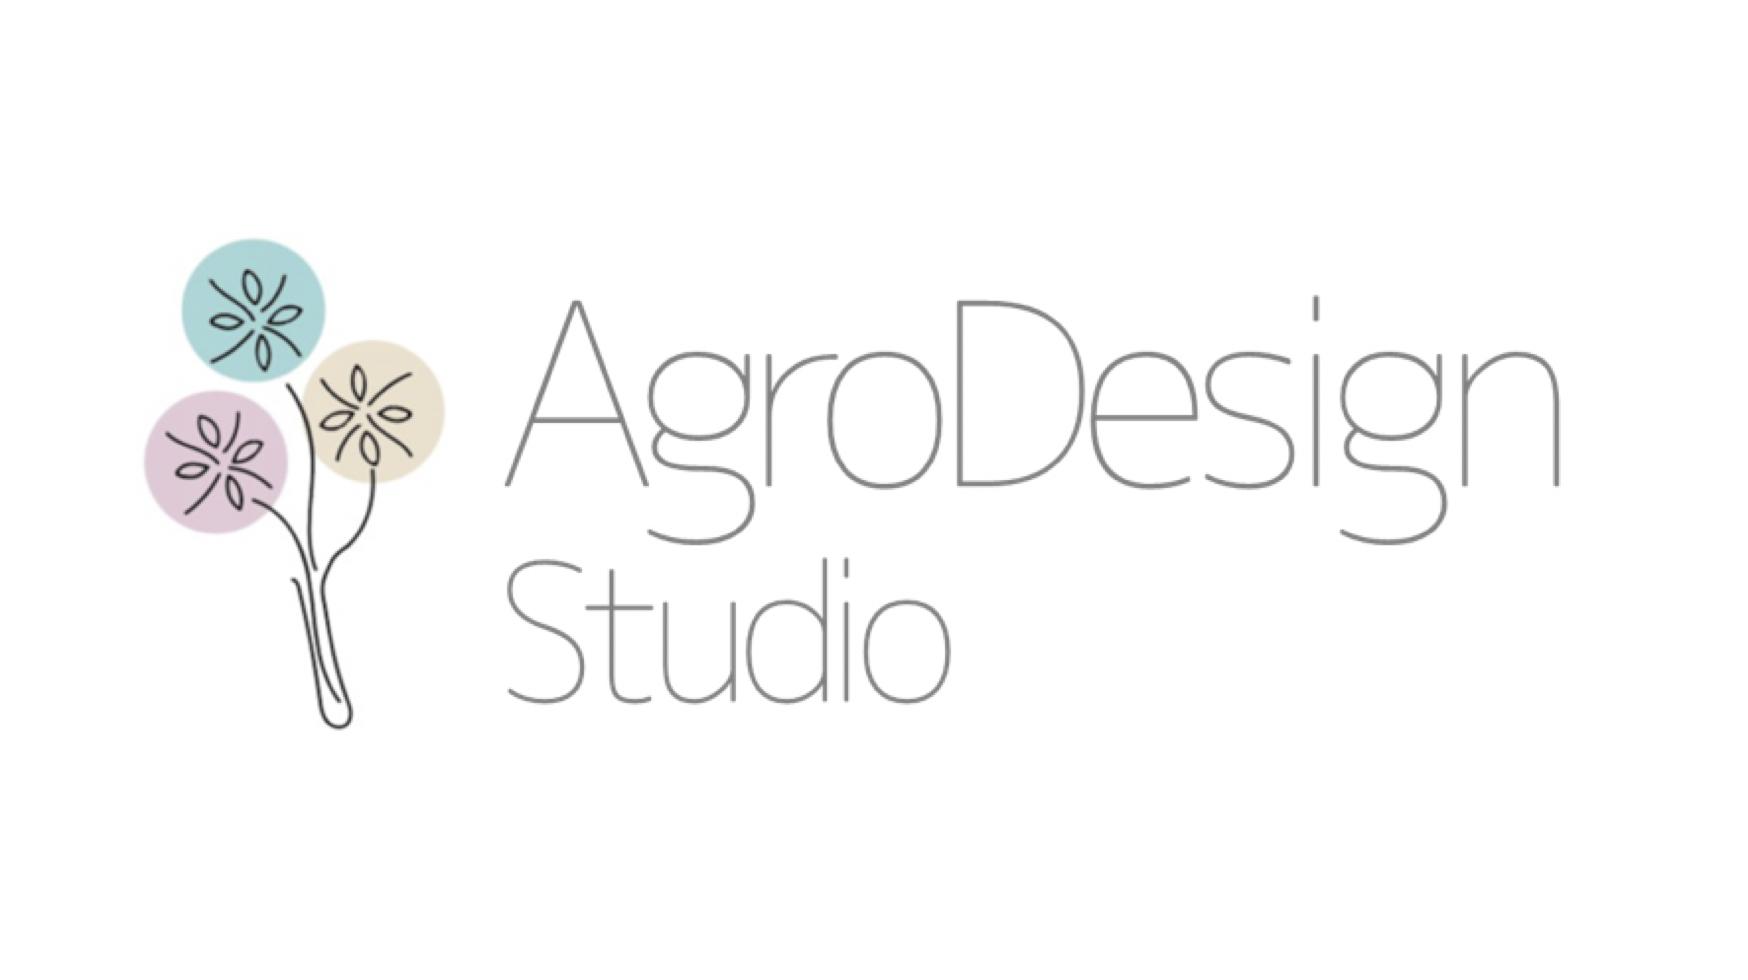 アグロデザイン・スタジオ|農薬スタートアップとして国内初の資金調達に成功